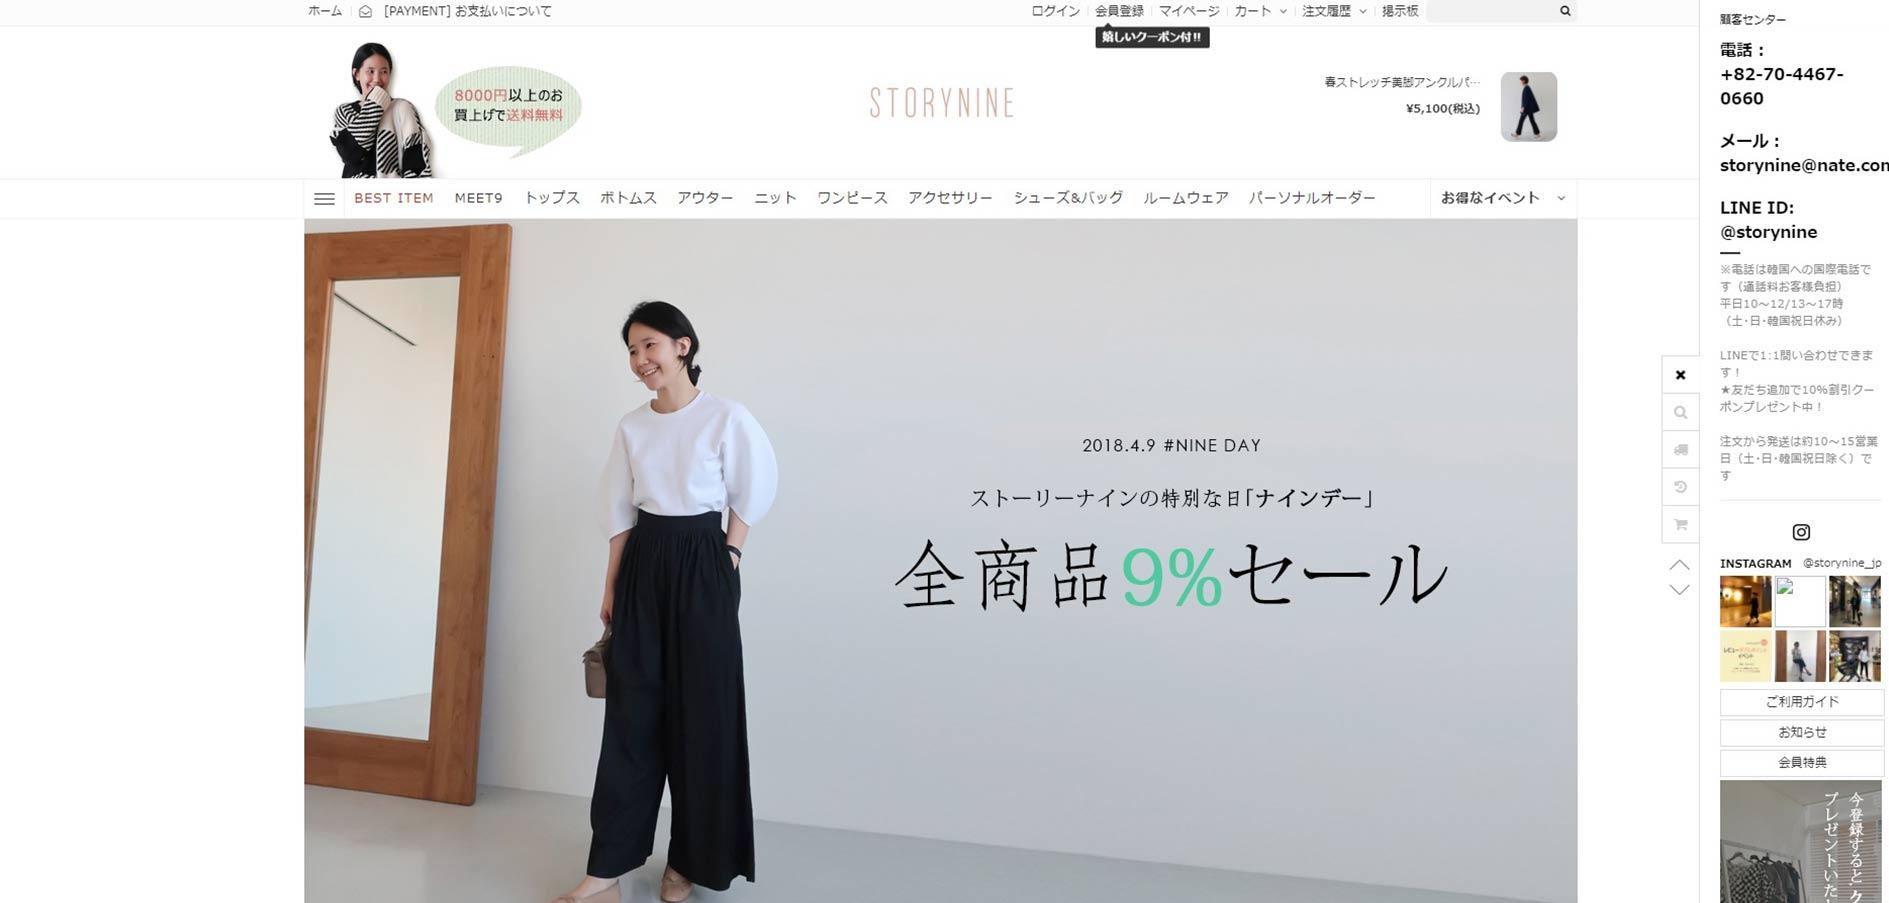 品質とデザインでおすすめな韓国ファッション通販サイトのSTORYNINE(ストーリーナイン)